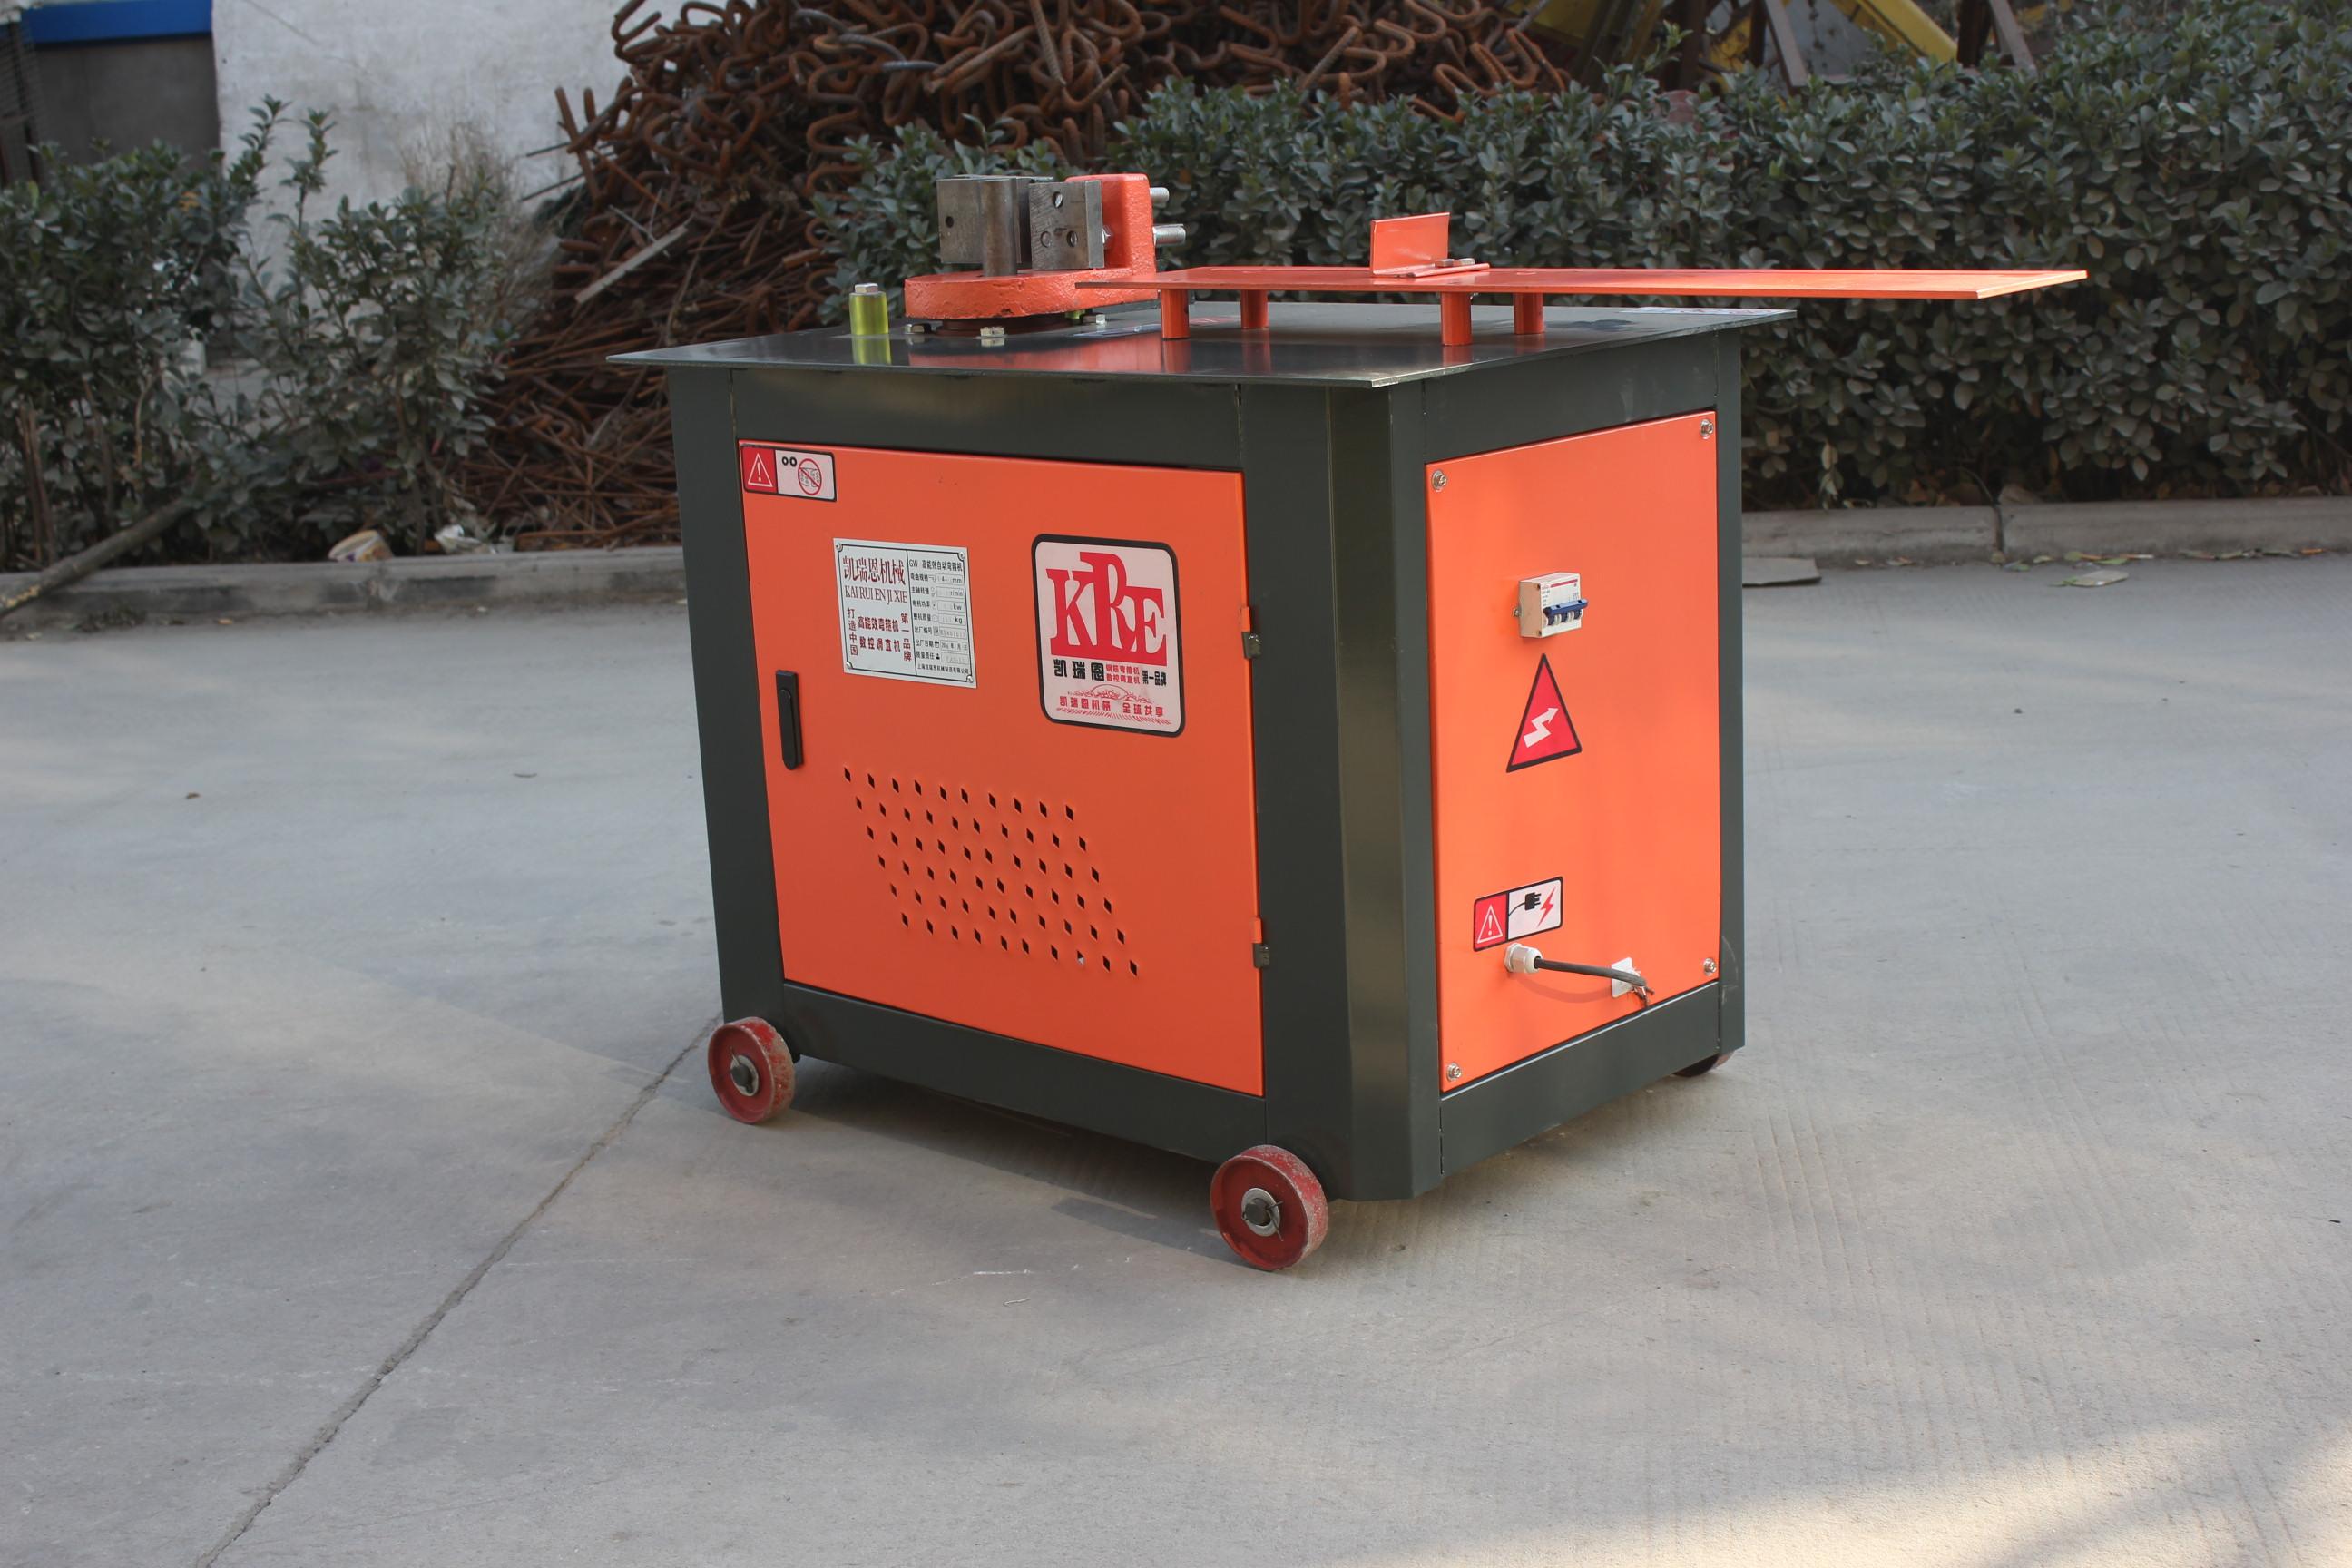 回收 垃圾桶 垃圾箱 2592_1728